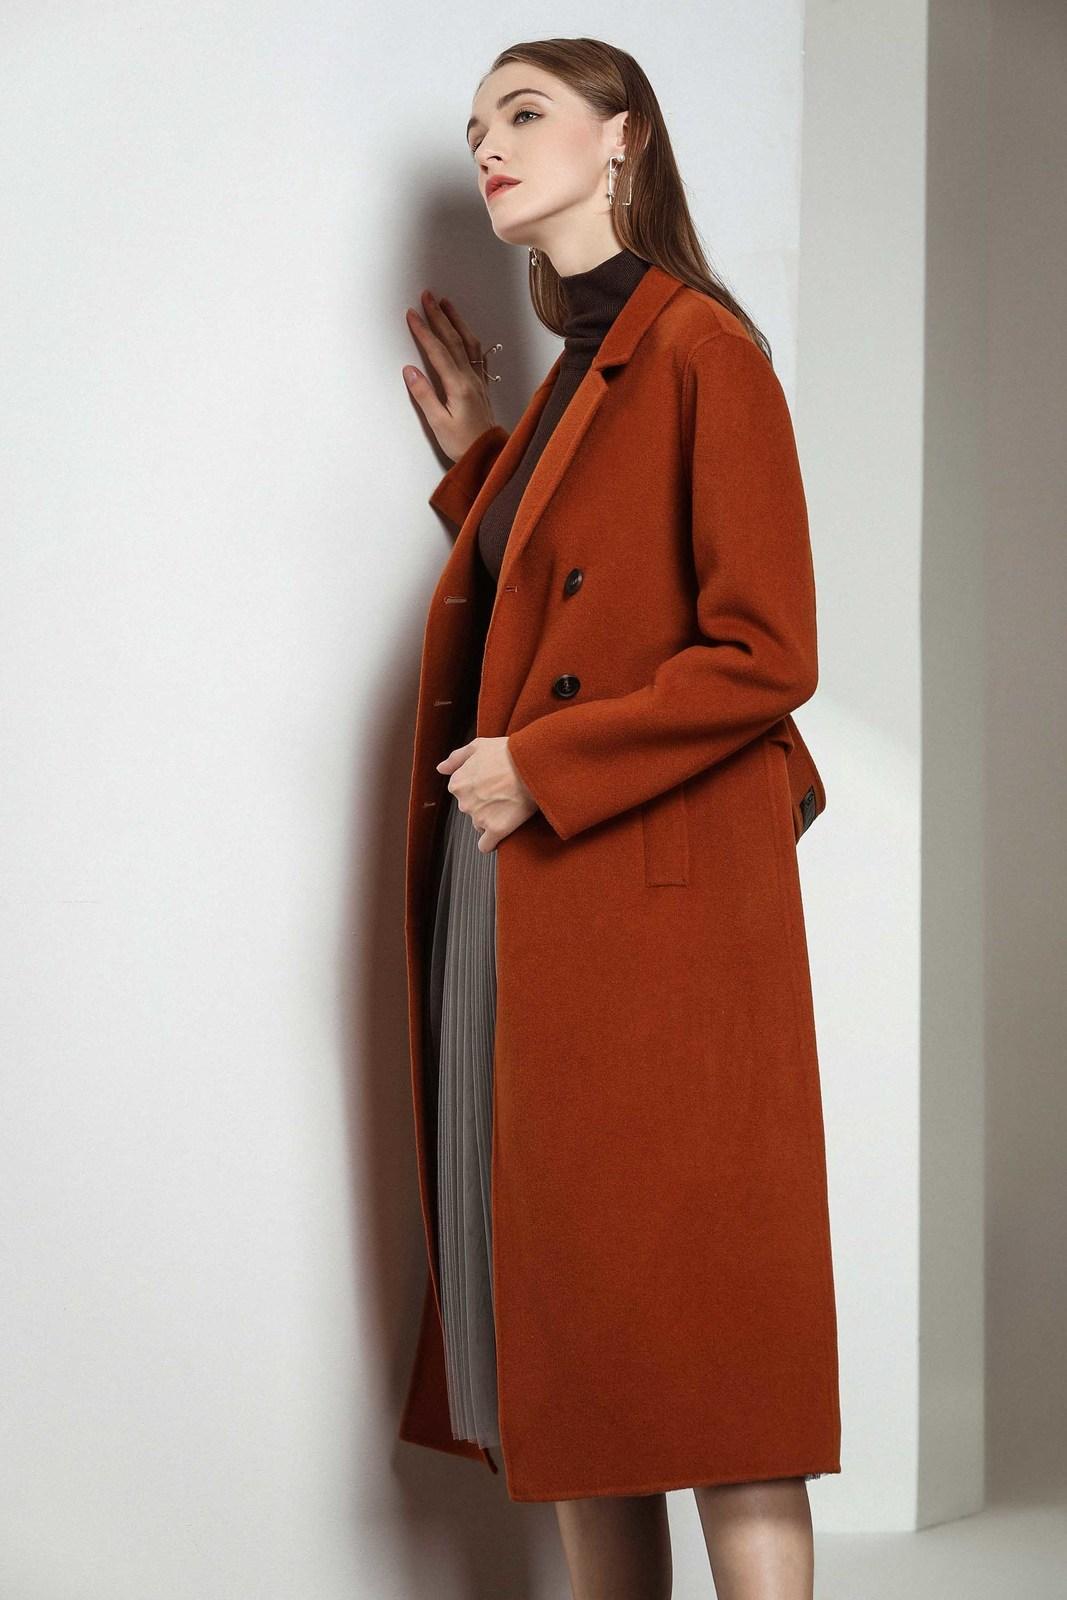 2021 Новая Англия Стиль Двухбордовые пальто шерстяные смесиные женщины элегантные винтажные длинные тонкие пальто на щель поровки 287i